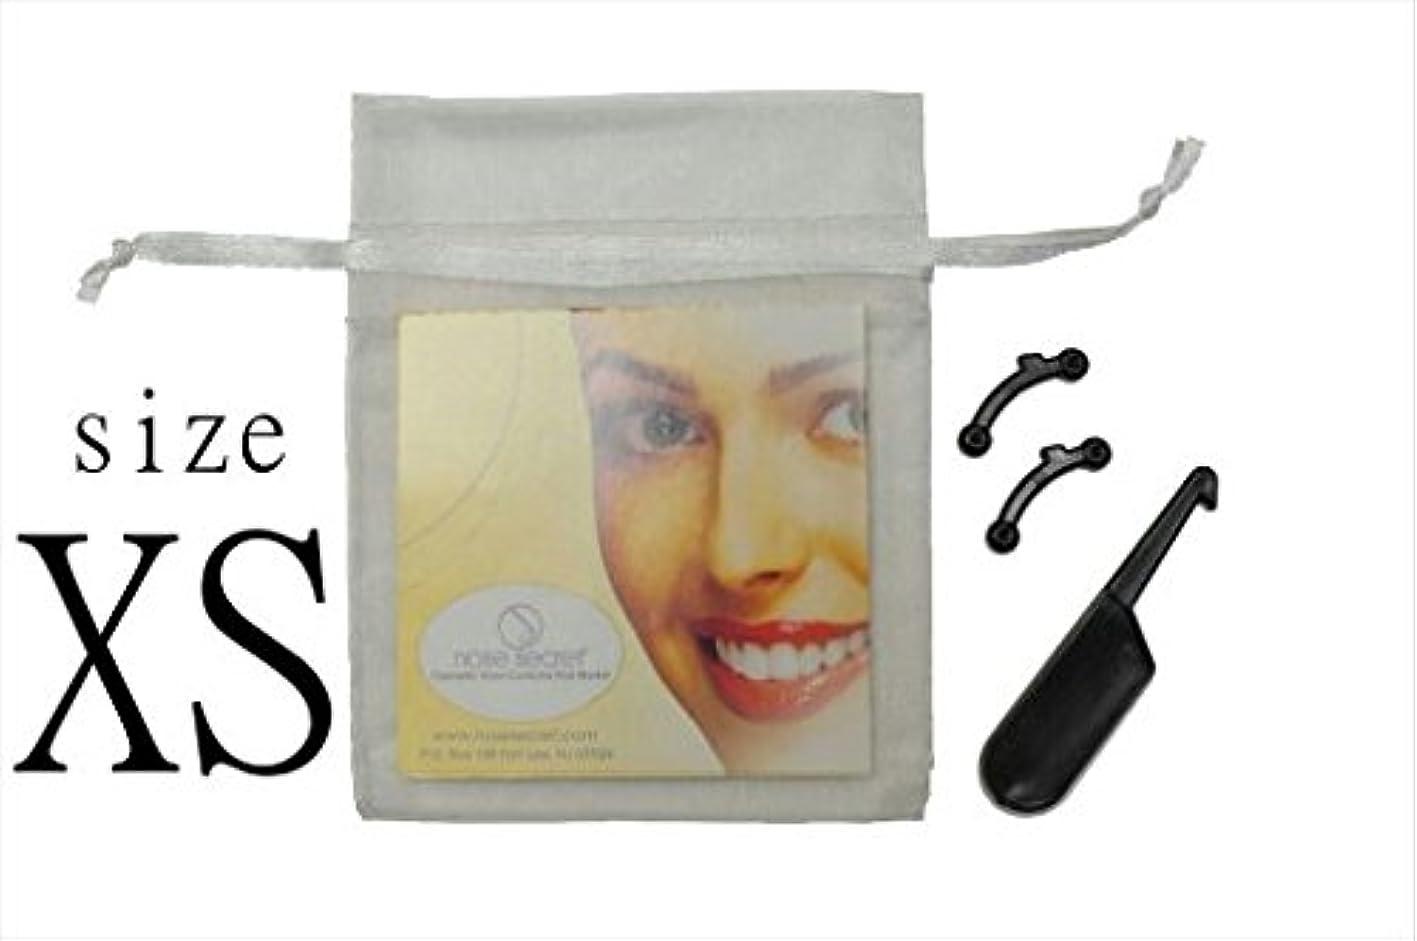 種類バンジョーもっと少なく日本語説明書付 鼻プチ! ノーズシークレット サイズ 「XS」 正規品 アメリカ製 NOSE SECRET 社製 鼻のアイプチ 手術不要で鼻が高くなる!